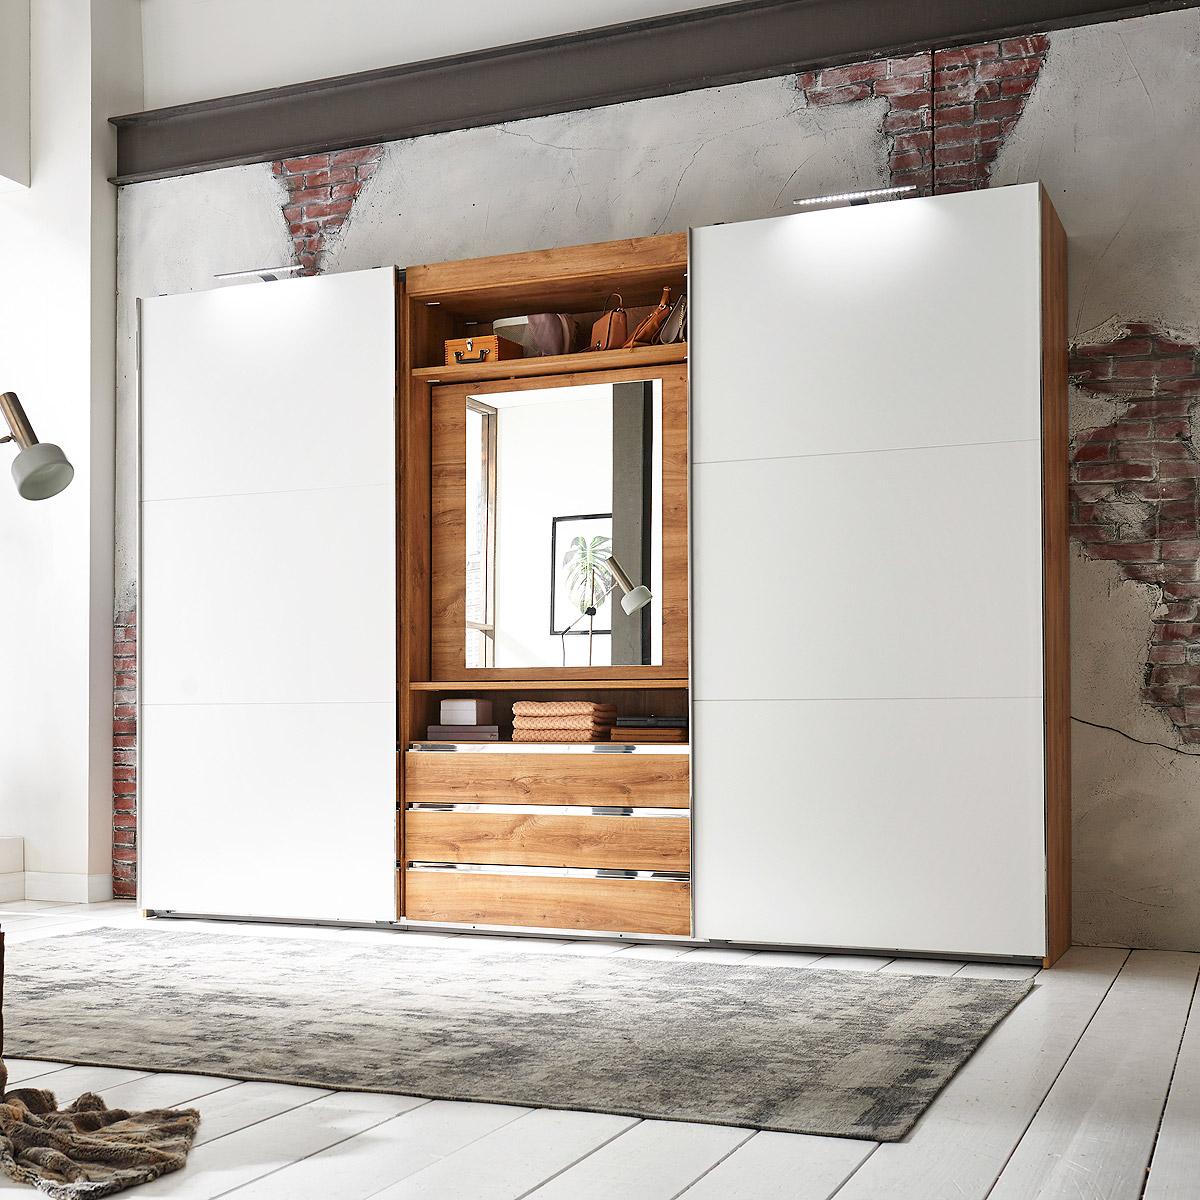 schwebet renschrank magic kleiderschrank plankeneiche. Black Bedroom Furniture Sets. Home Design Ideas